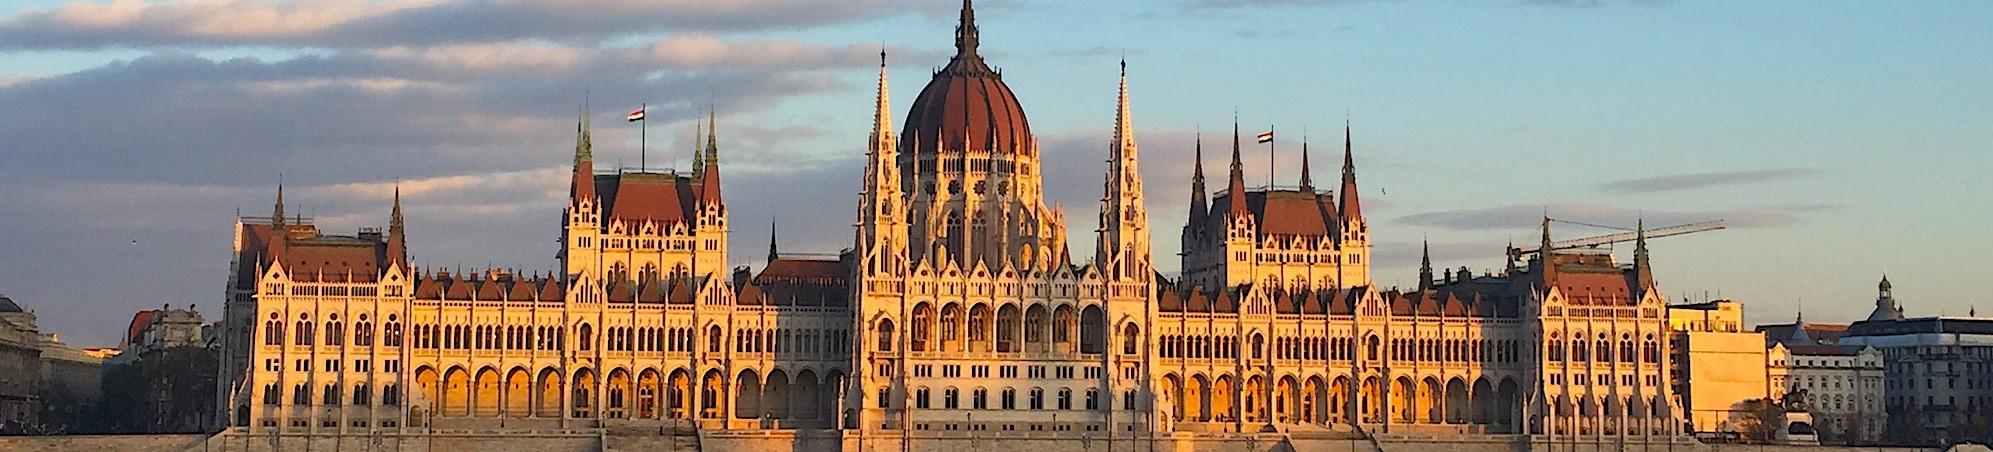 Budapest-Parliament-Sunset-Header